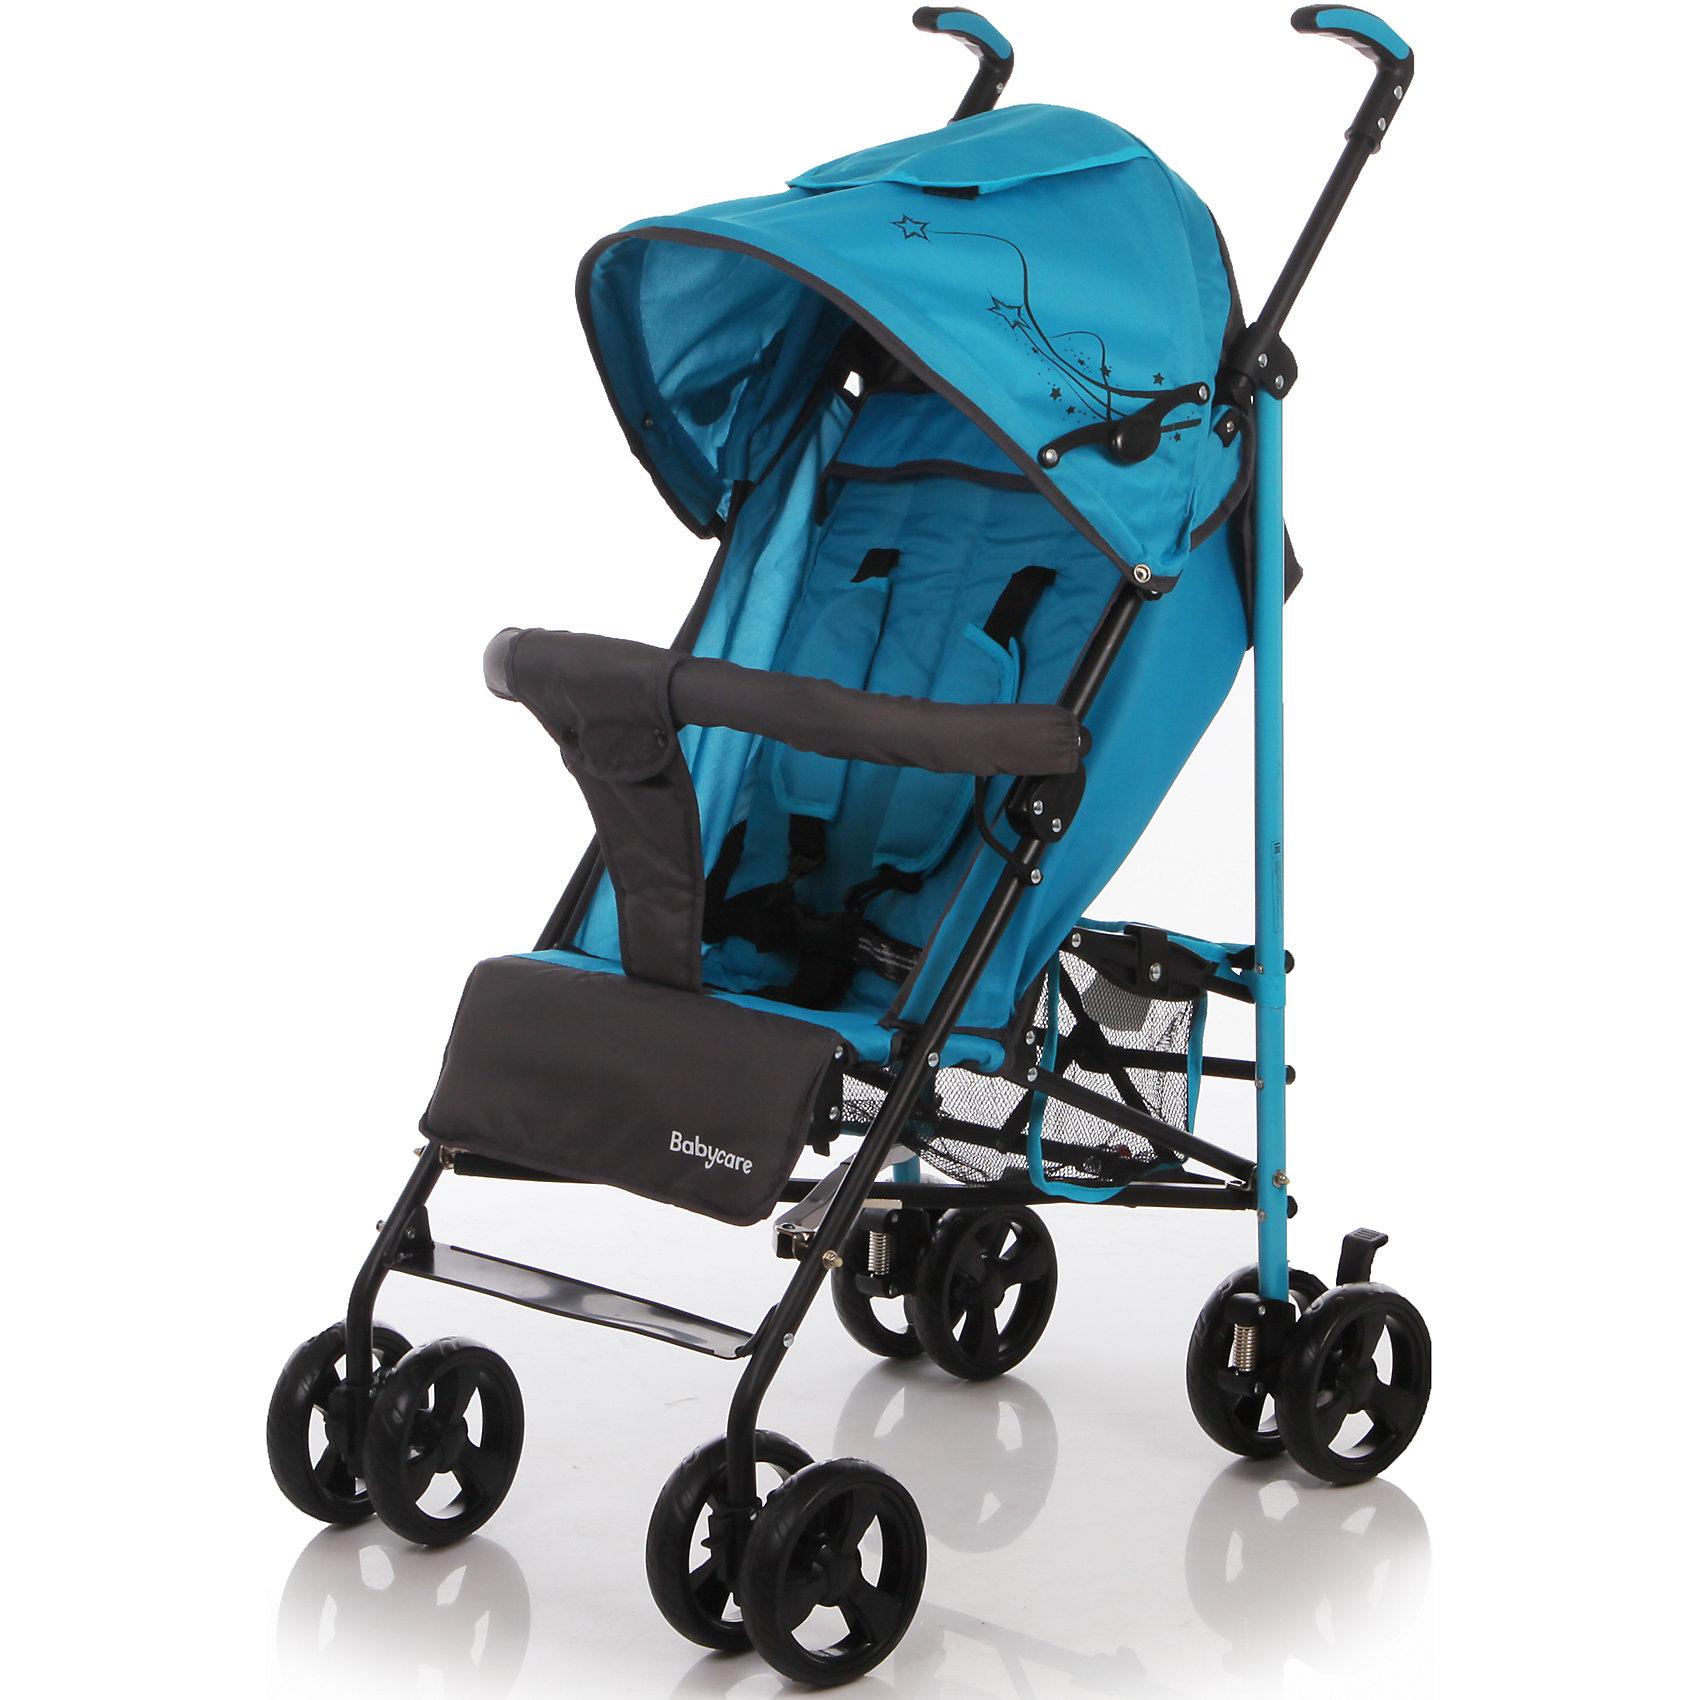 Коляска трость Flash, Baby Care, синийХарактеристики коляски-трости Baby Care Flash:<br><br>• спинка коляски регулируется в 2-х положениях: сидя и полулежа;<br>• подножка регулируется в 2-х положениях, удлиняет спальное место;<br>• встроенные 5-ти точечные ремни безопасности с мягкими накладками;<br>• глубокий капюшон с дополнительной секцией опускается до бампера;<br>• капюшон оснащен смотровым окошком и кармашком для мелочей;<br>• съемный бампер с мягким разделителем для ножек;<br>• имеется небольшая сетчатая корзина для покупок;<br>• материал: пластик, полиэстер;<br>• ширина сиденья: 34 см;<br>• размер коляски в разложенном виде: 74х40,5х106 см;<br>• размер коляски в сложенном виде: 101х29х36 см;<br>• вес коляски: 7,6 кг;<br>• допустимый вес ребенка: до 23 кг.<br><br>Характеристики шасси коляски:<br><br>• механизм складывания: трость;<br>• сдвоенные колеса коляски;<br>• передние поворотные с блокировкой;<br>• задний стояночный тормоз;<br>• материал рамы: алюминий;<br>• материал колес: пеноплен (вспененная резина);<br>• диаметр колес: 14 см;<br>• ширина колесной базы: 46 см;<br>• размер корзинки для покупок: 19х18х21 см.<br><br>Компактная коляска-трость предназначена для детей в возрасте от 7 месяцев до 4-х лет. Ребенок в коляске изучает окружающий мир, а когда устает, может принять положение «полулежа». Маневренная коляска с двойными колесами. Подножка может удлинить спальное место, а гибкая пластиковая подножка пригодится для малыша, который подрос.<br><br>Комплектация:<br><br>• коляска-трость Flash;<br>• дождевик;<br>• чехол на ножки;<br>• инструкция. <br><br>Коляску-трость Flash, Baby Care, синюю можно купить в нашем интернет-магазине.<br><br>Ширина мм: 1020<br>Глубина мм: 260<br>Высота мм: 280<br>Вес г: 14400<br>Цвет: синий<br>Возраст от месяцев: 7<br>Возраст до месяцев: 36<br>Пол: Унисекс<br>Возраст: Детский<br>SKU: 4501856